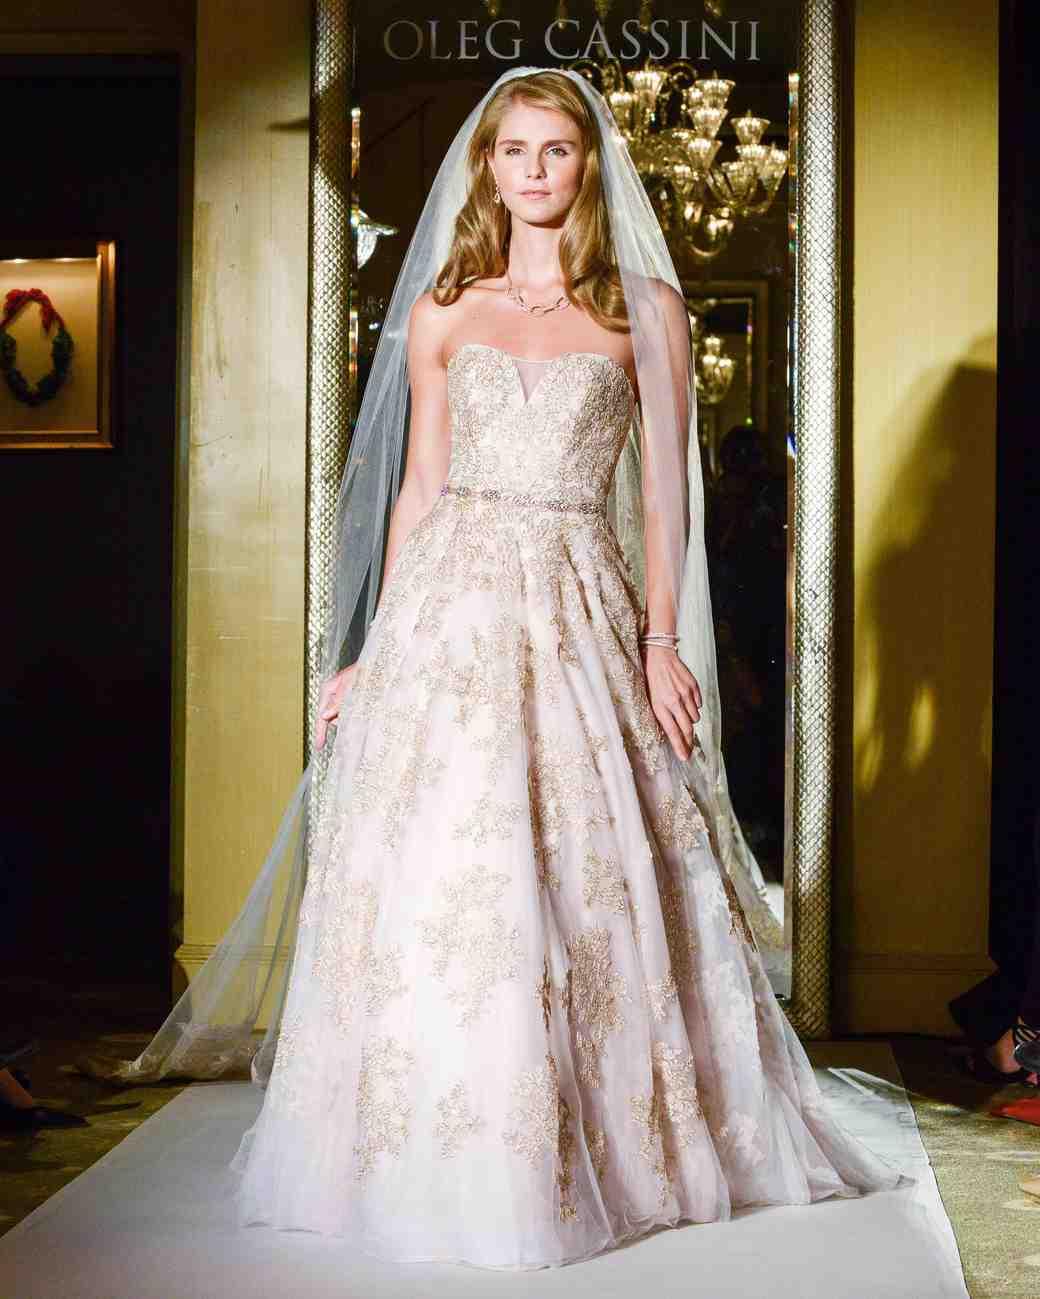 Cassini Wedding Dresses 7 Stunning Oleg Cassini Fall Wedding